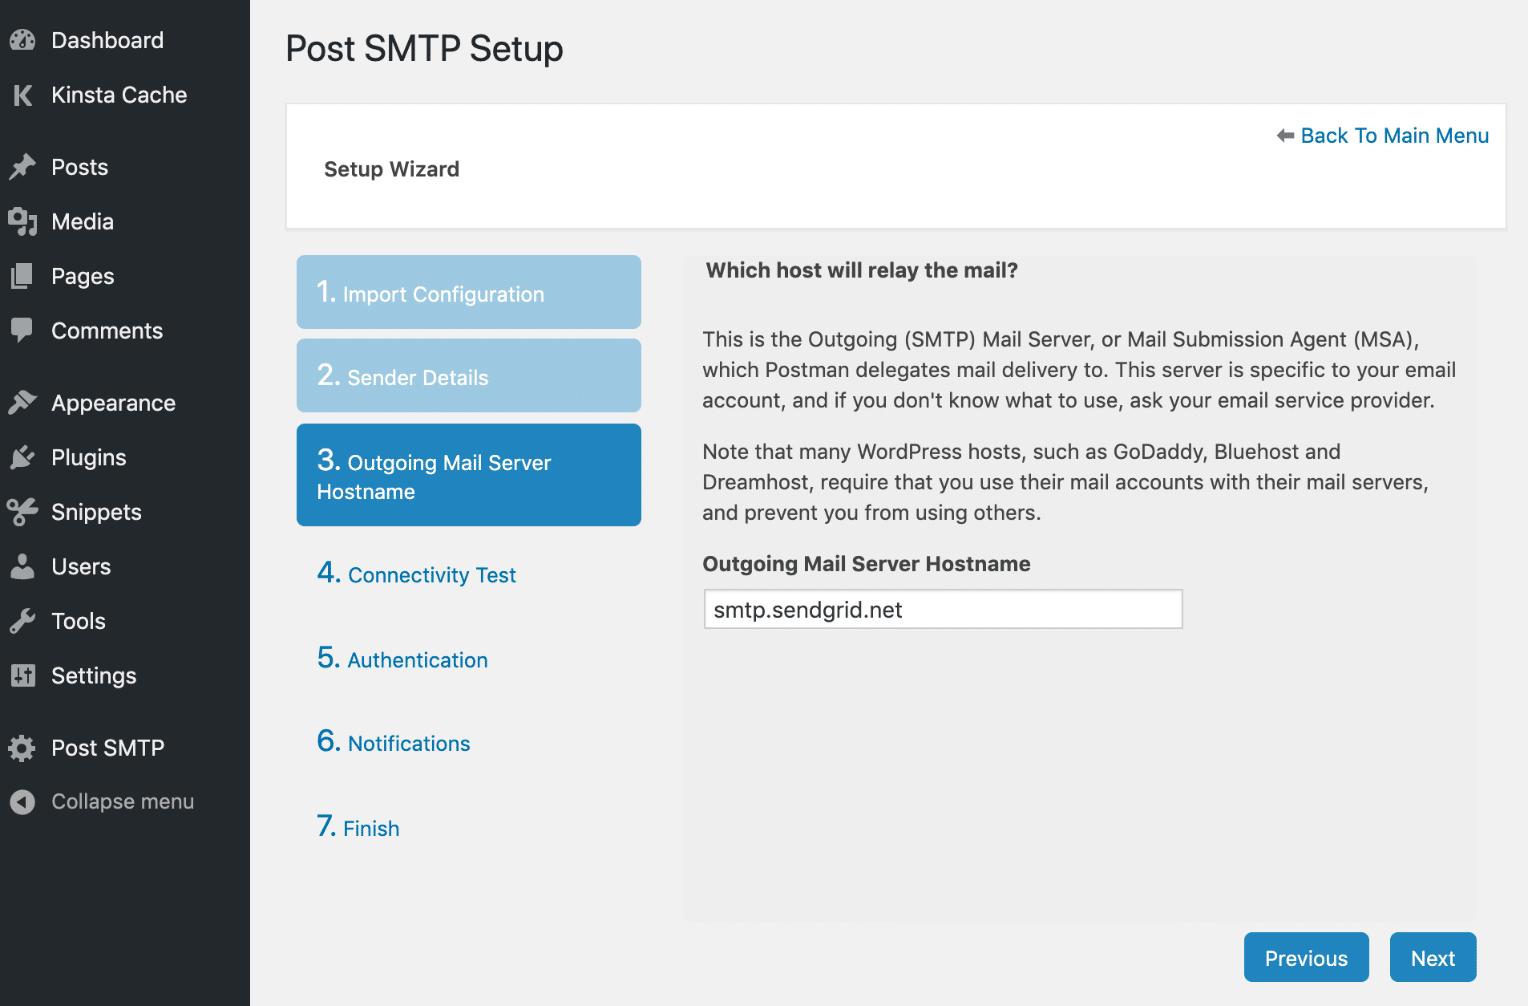 El nombre de host del servidor SMTP para el correo saliente.